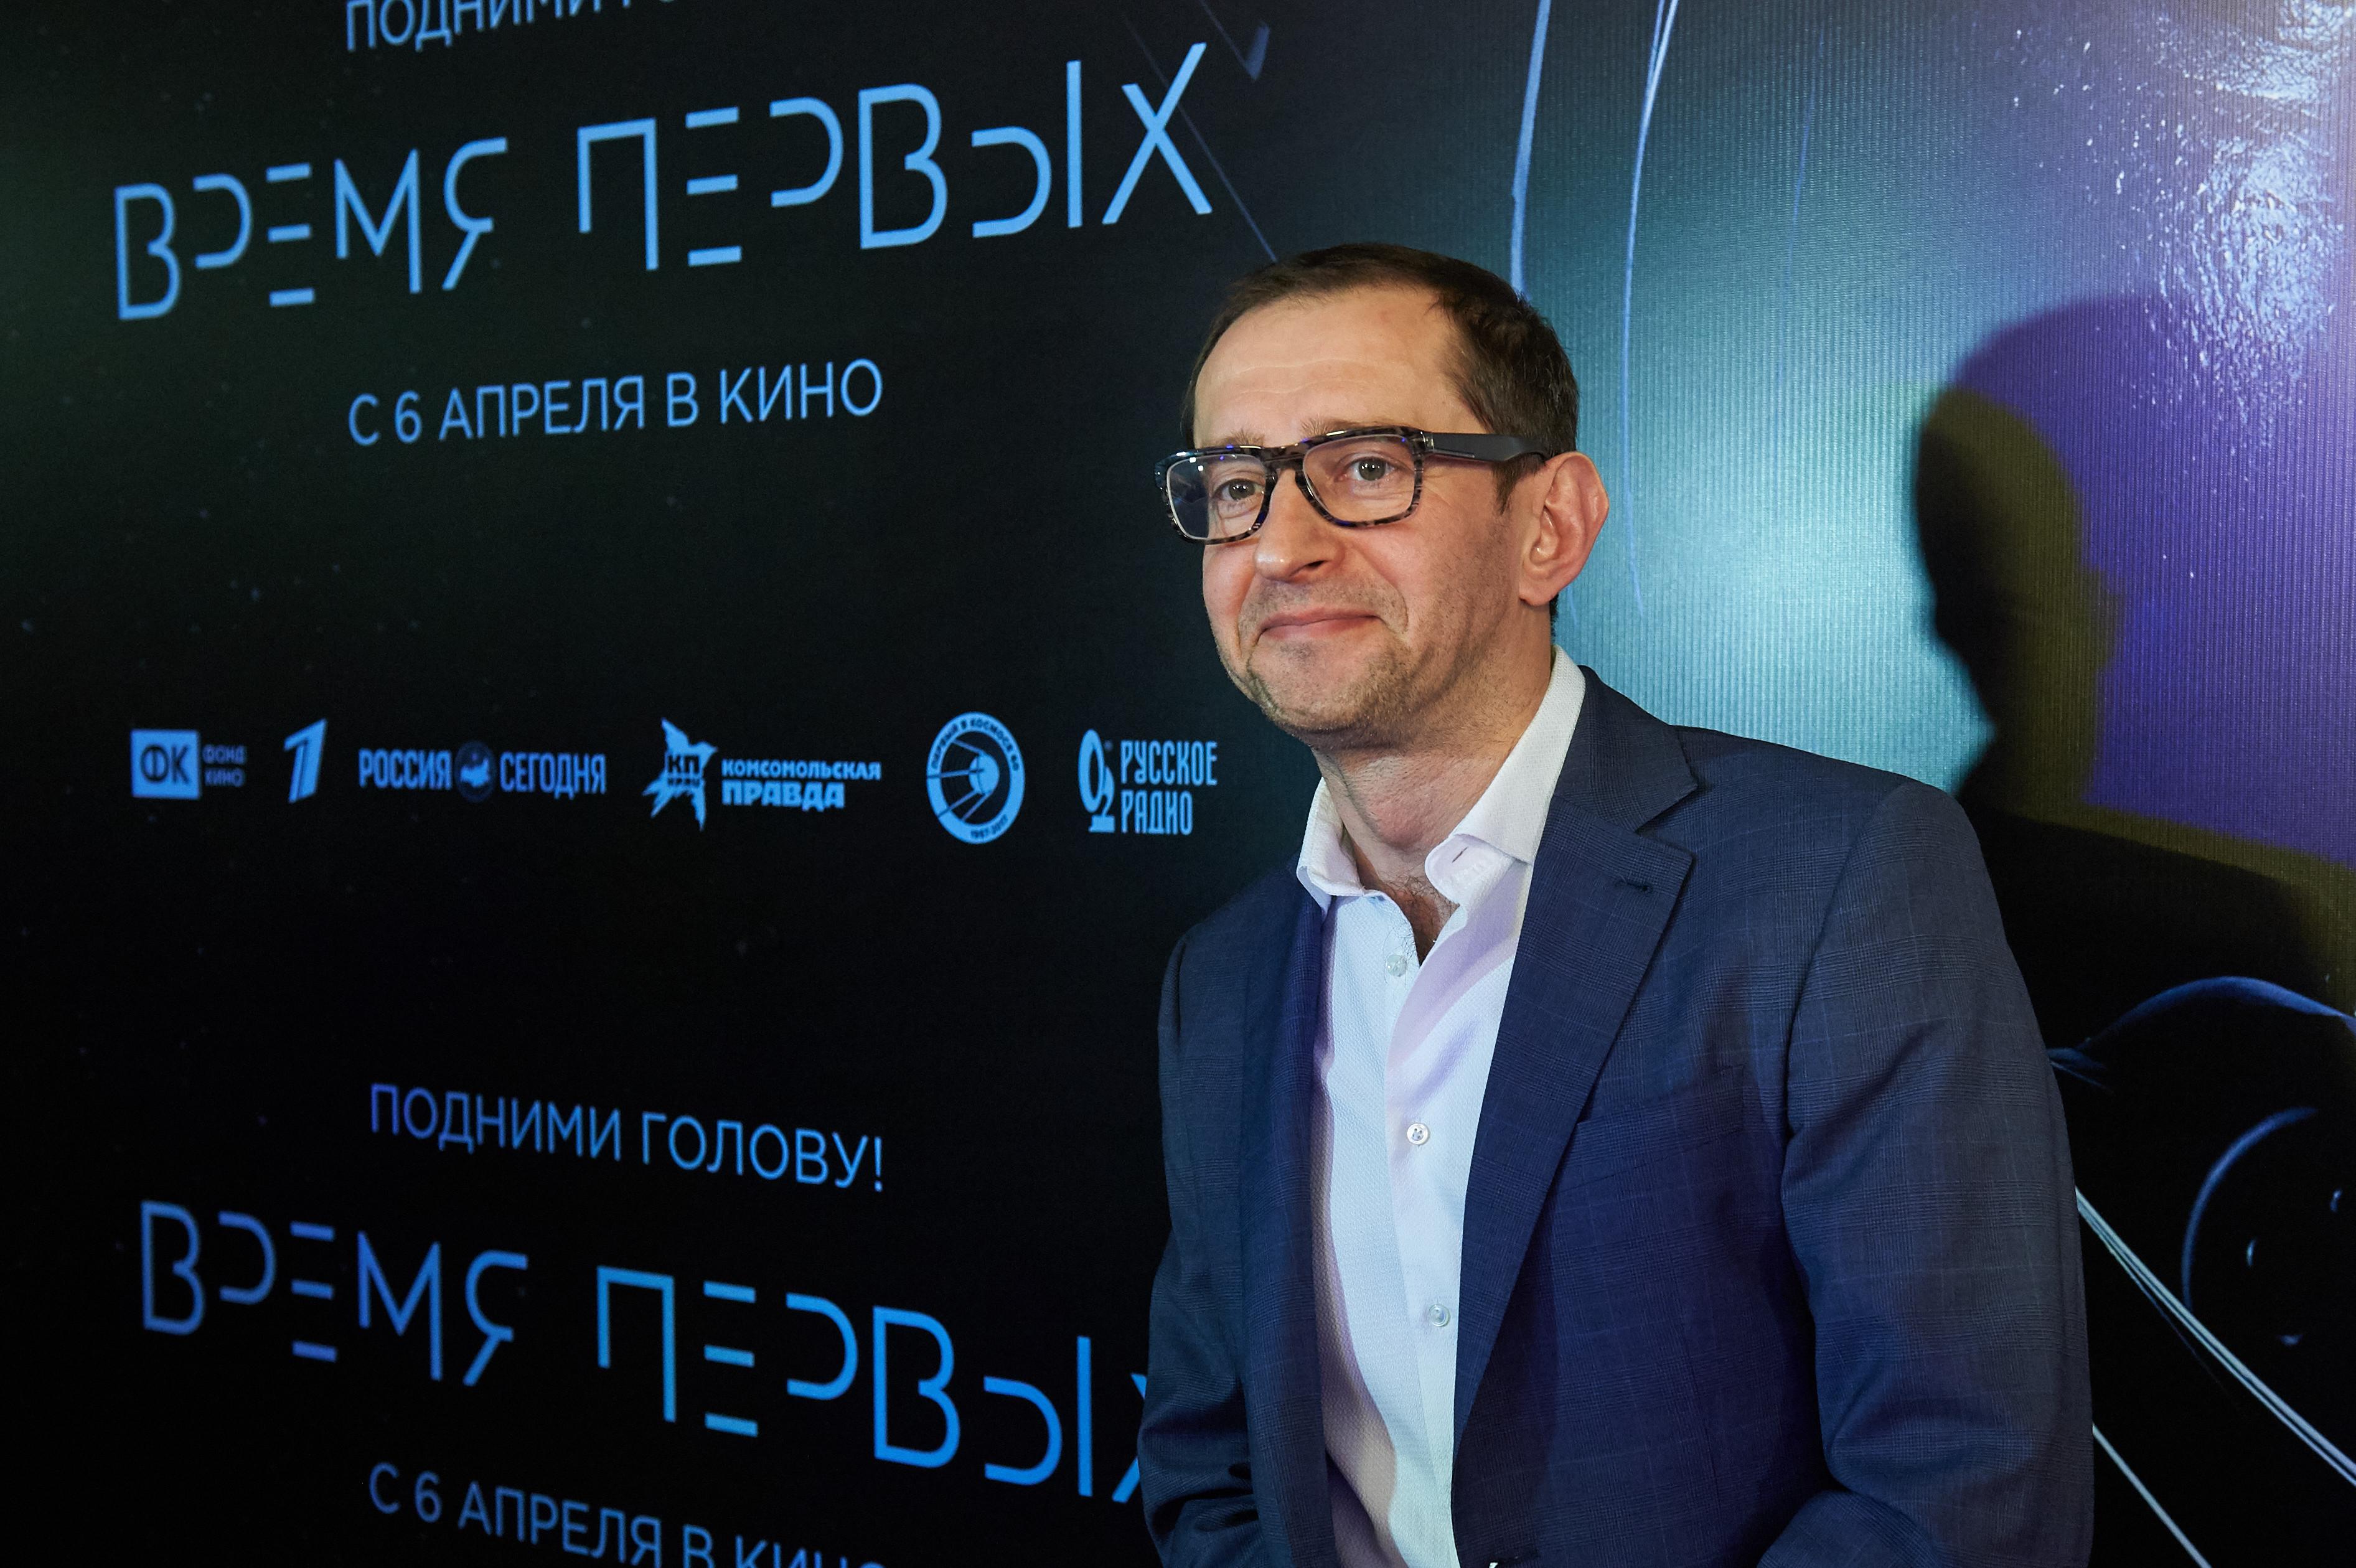 Константин Хабенский Фото: L!FE